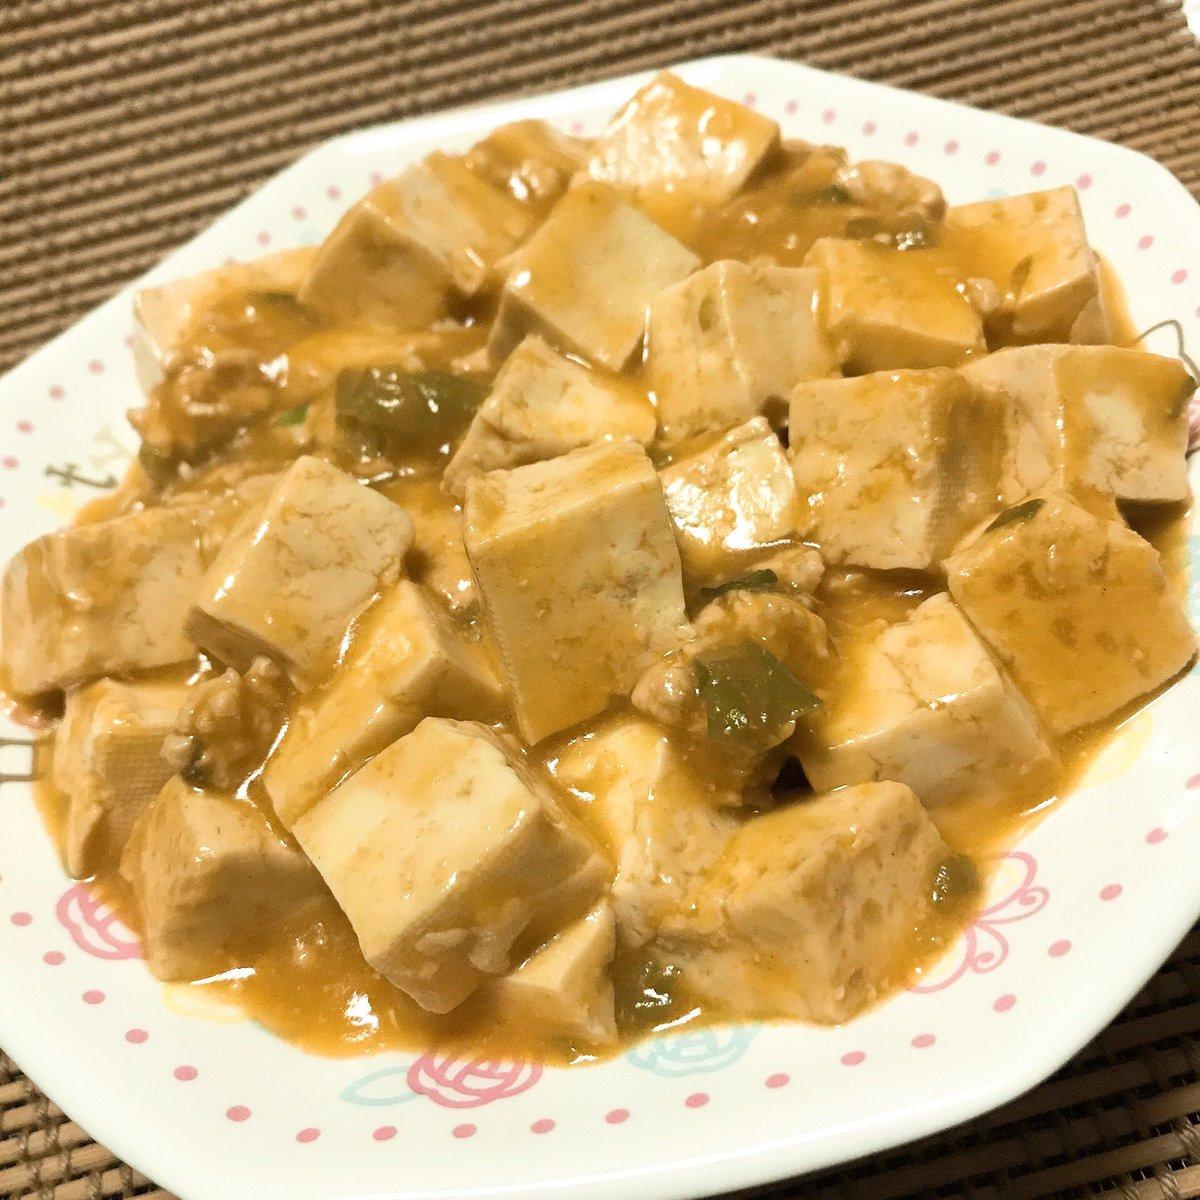 丼もの料理が好きな人は是非!サーモンとマグロの「漬け丼」の作り方!